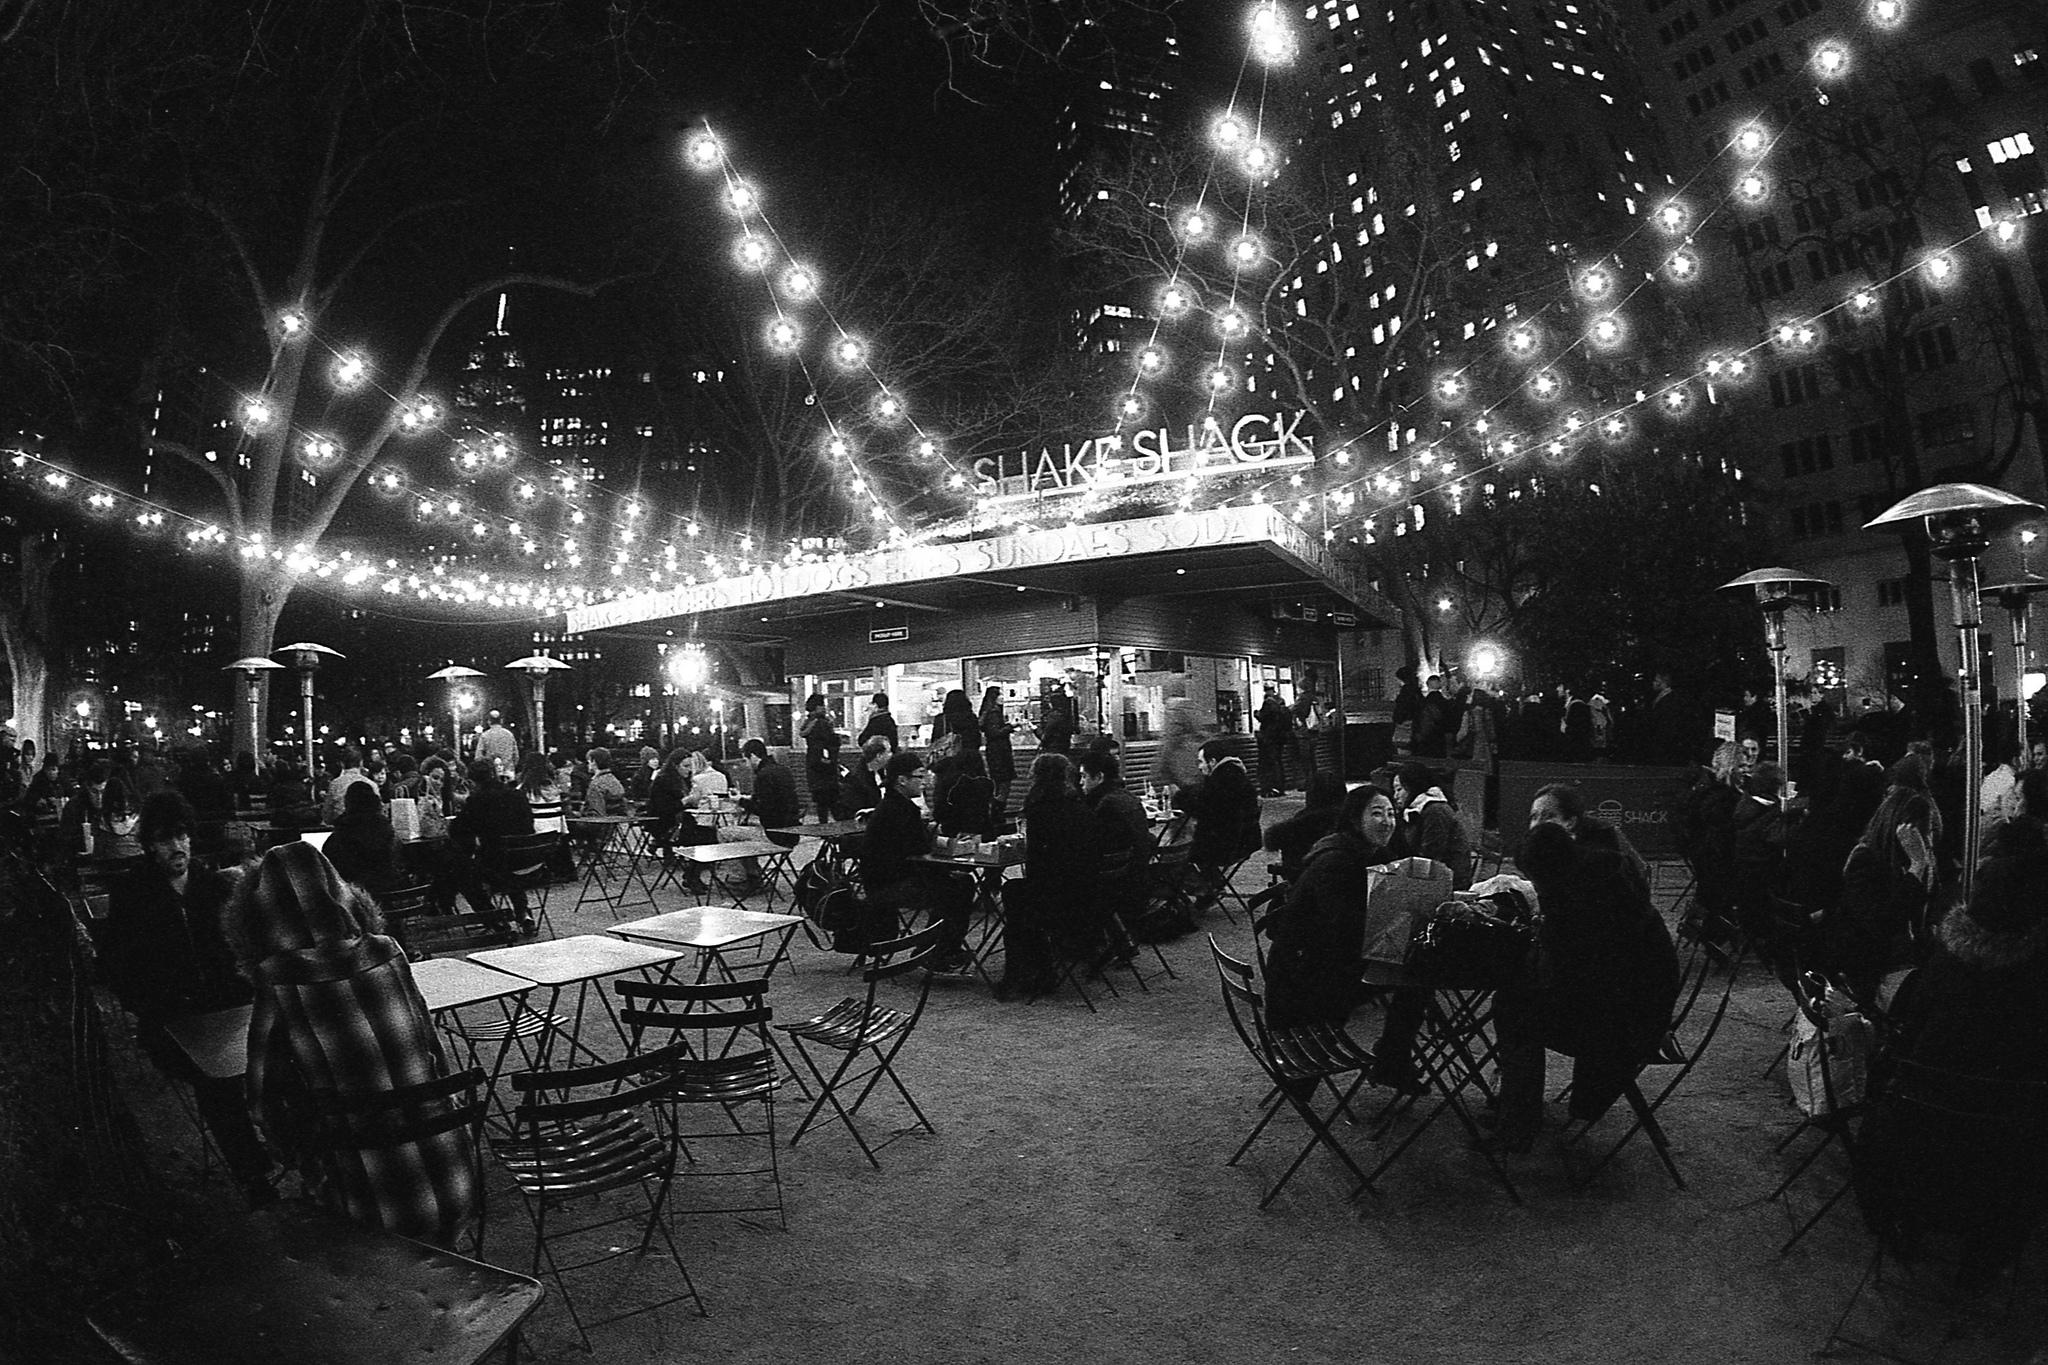 So sieht Shake Shack in einem Park in New York aus - so könnte es auch bald in München aussehen.